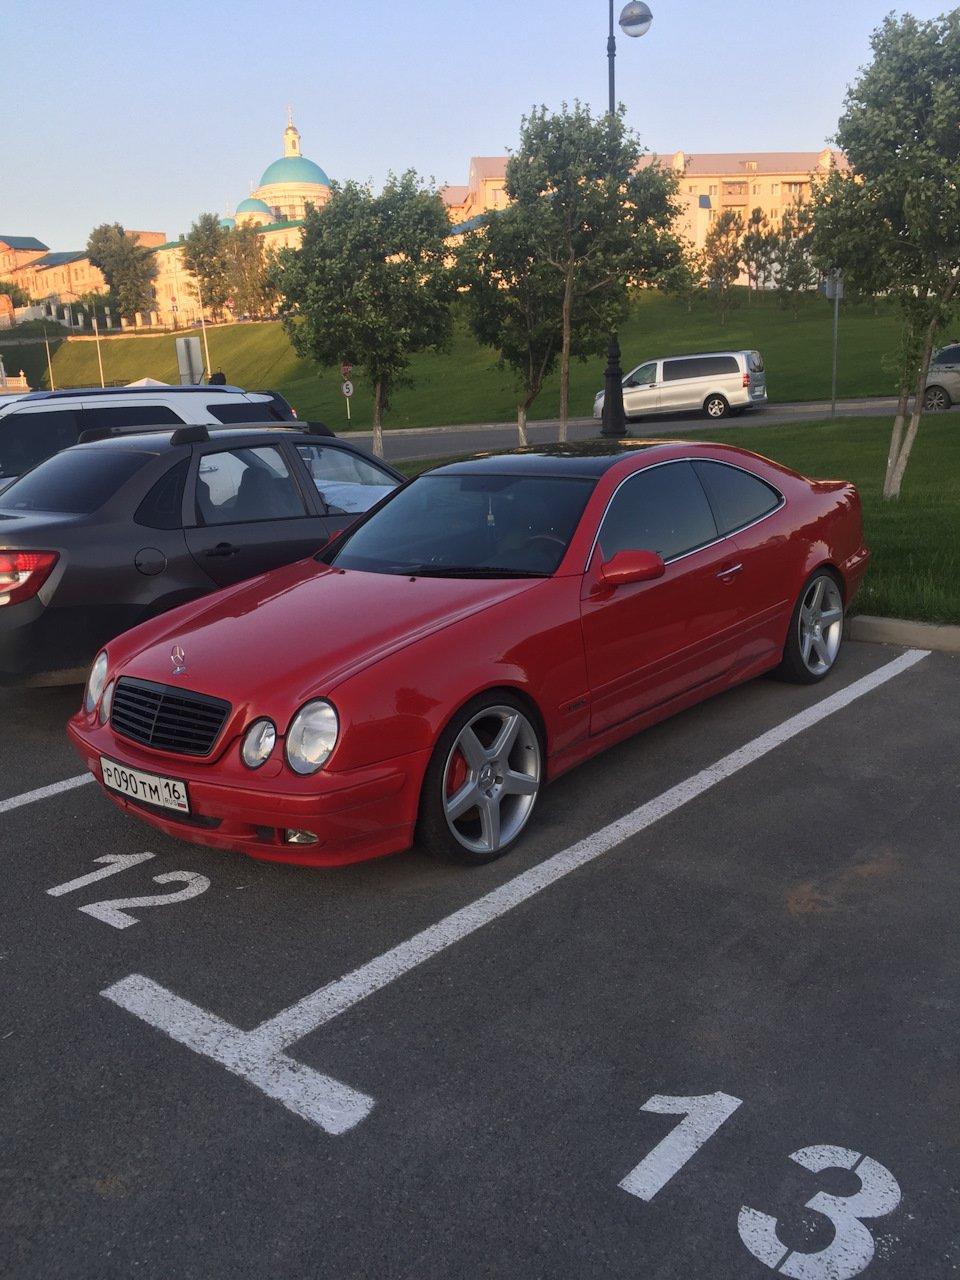 Mercedes-Benz CLK 3.2 W208 KLEEMANN (116)